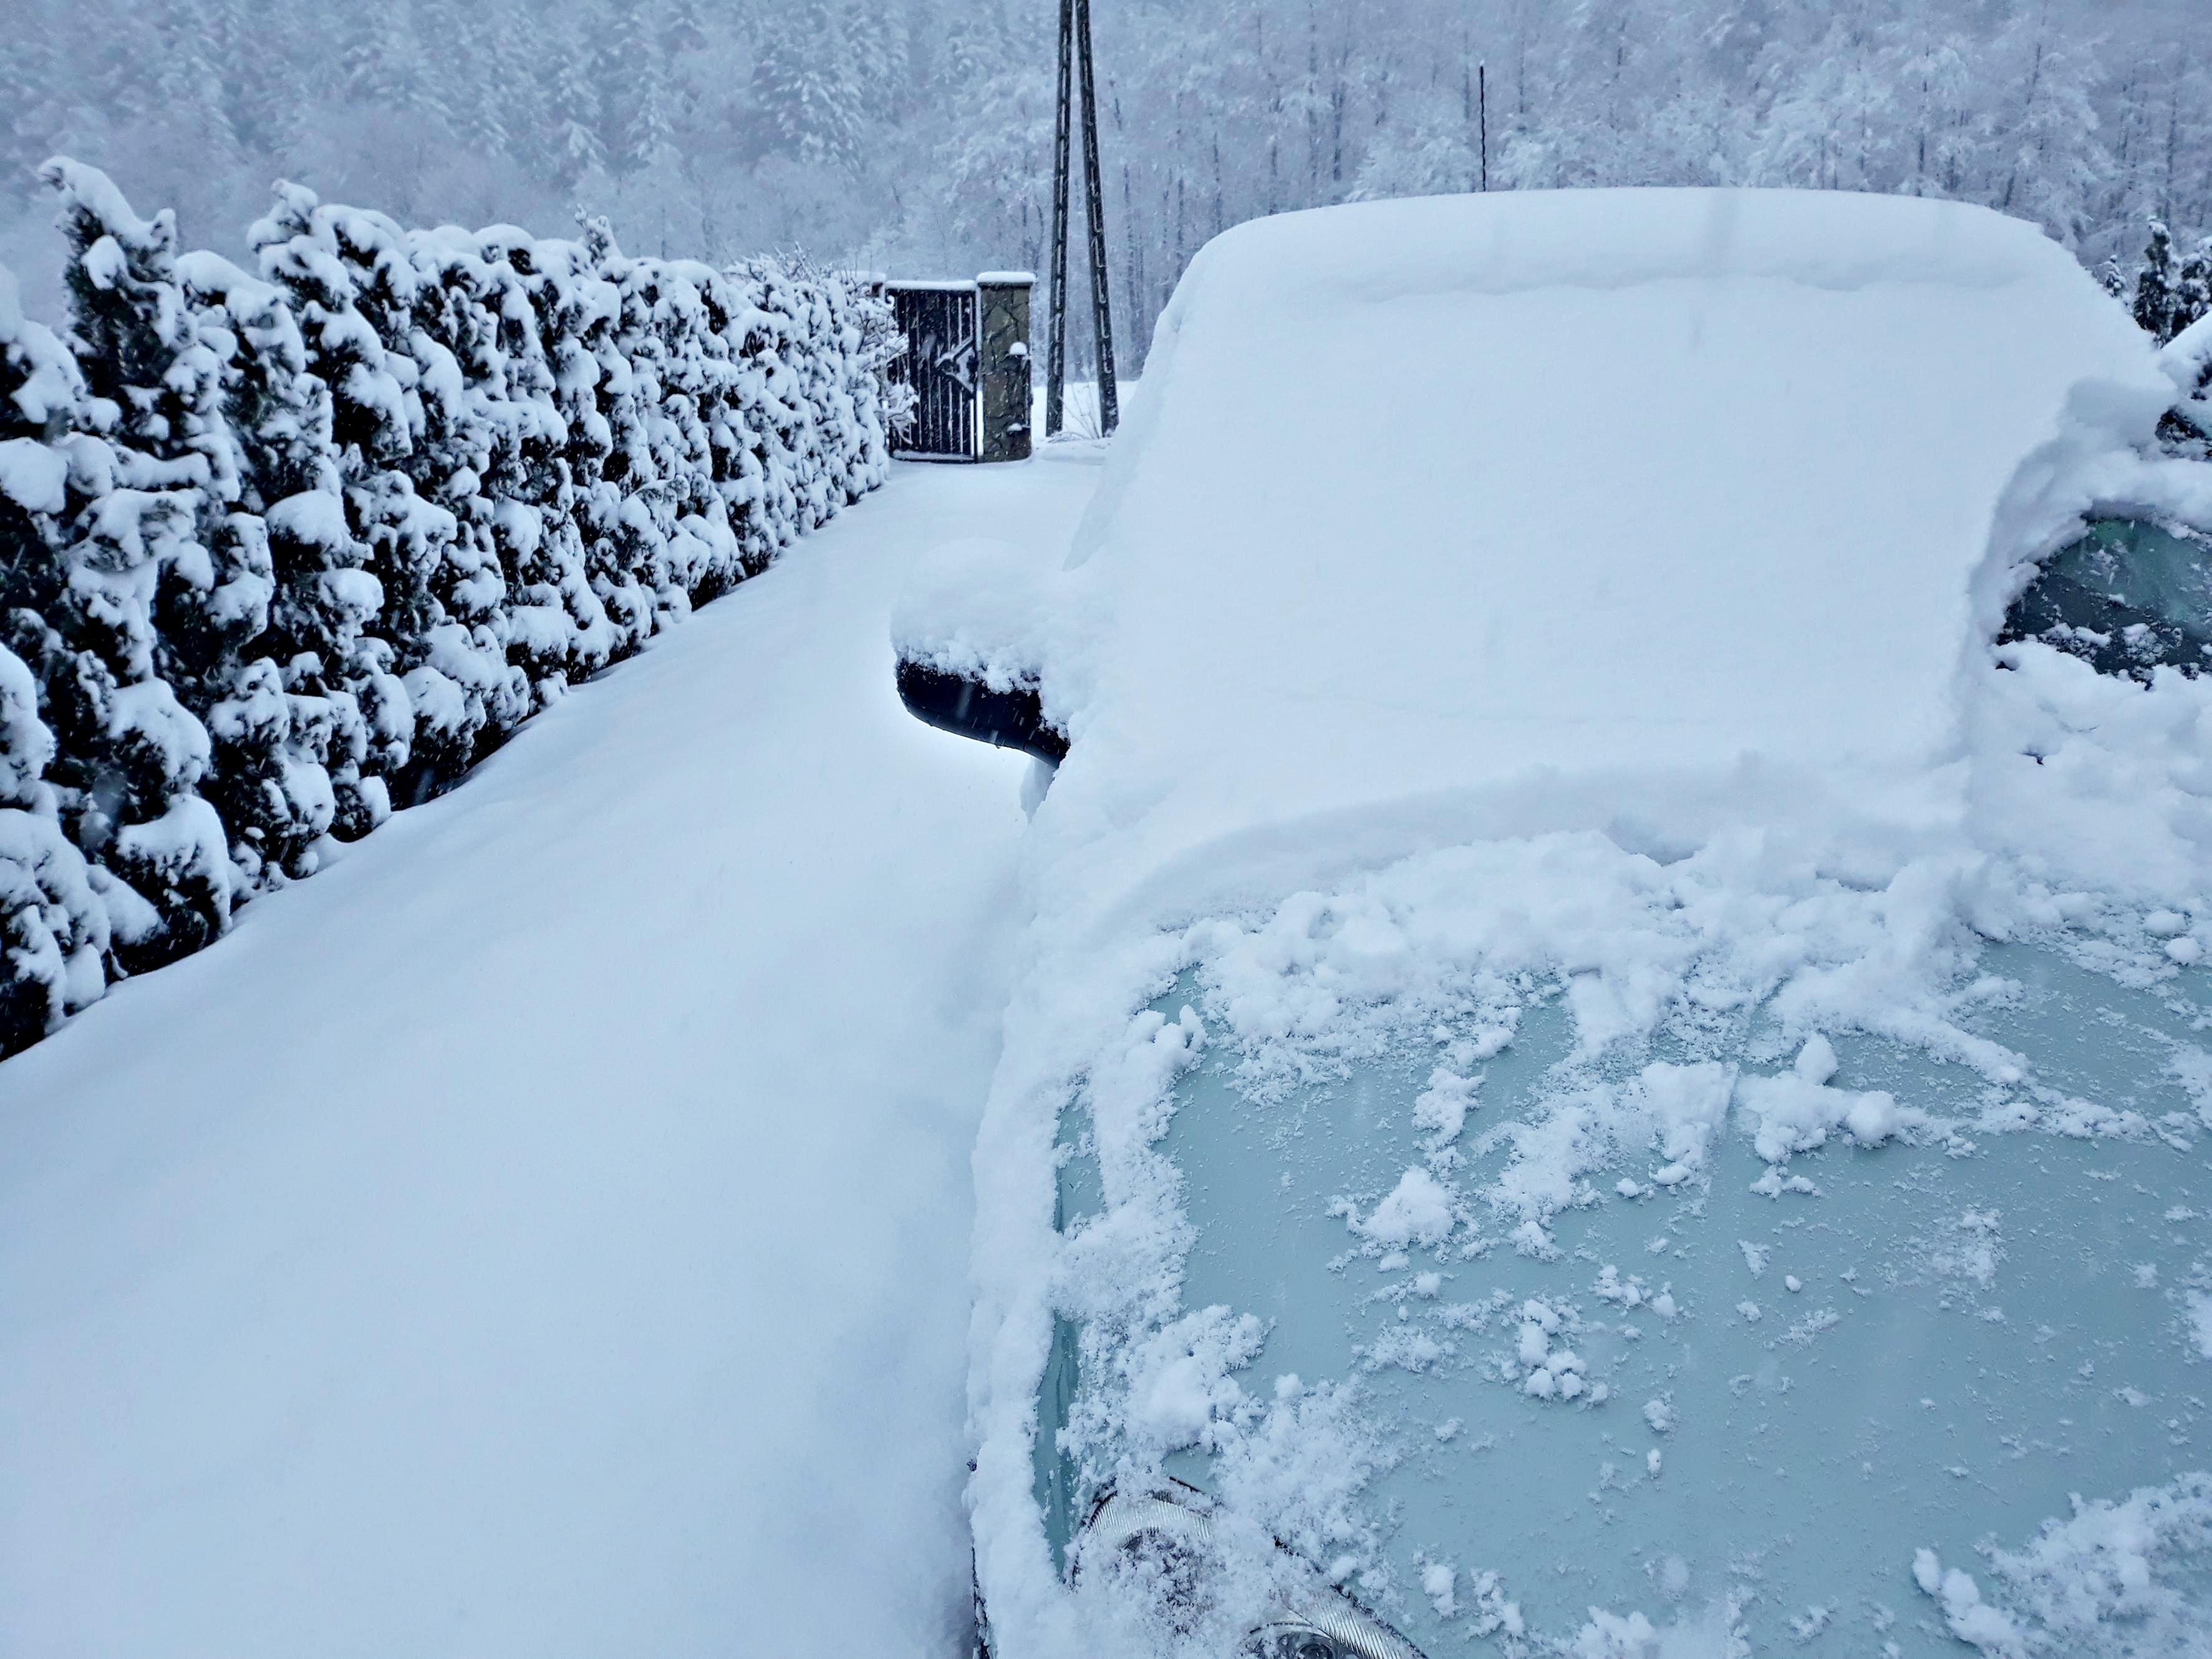 W niedzielę w końcu ma sypnąć śniegiem, a w poniedziałek bardzo wysokie ciśnienie